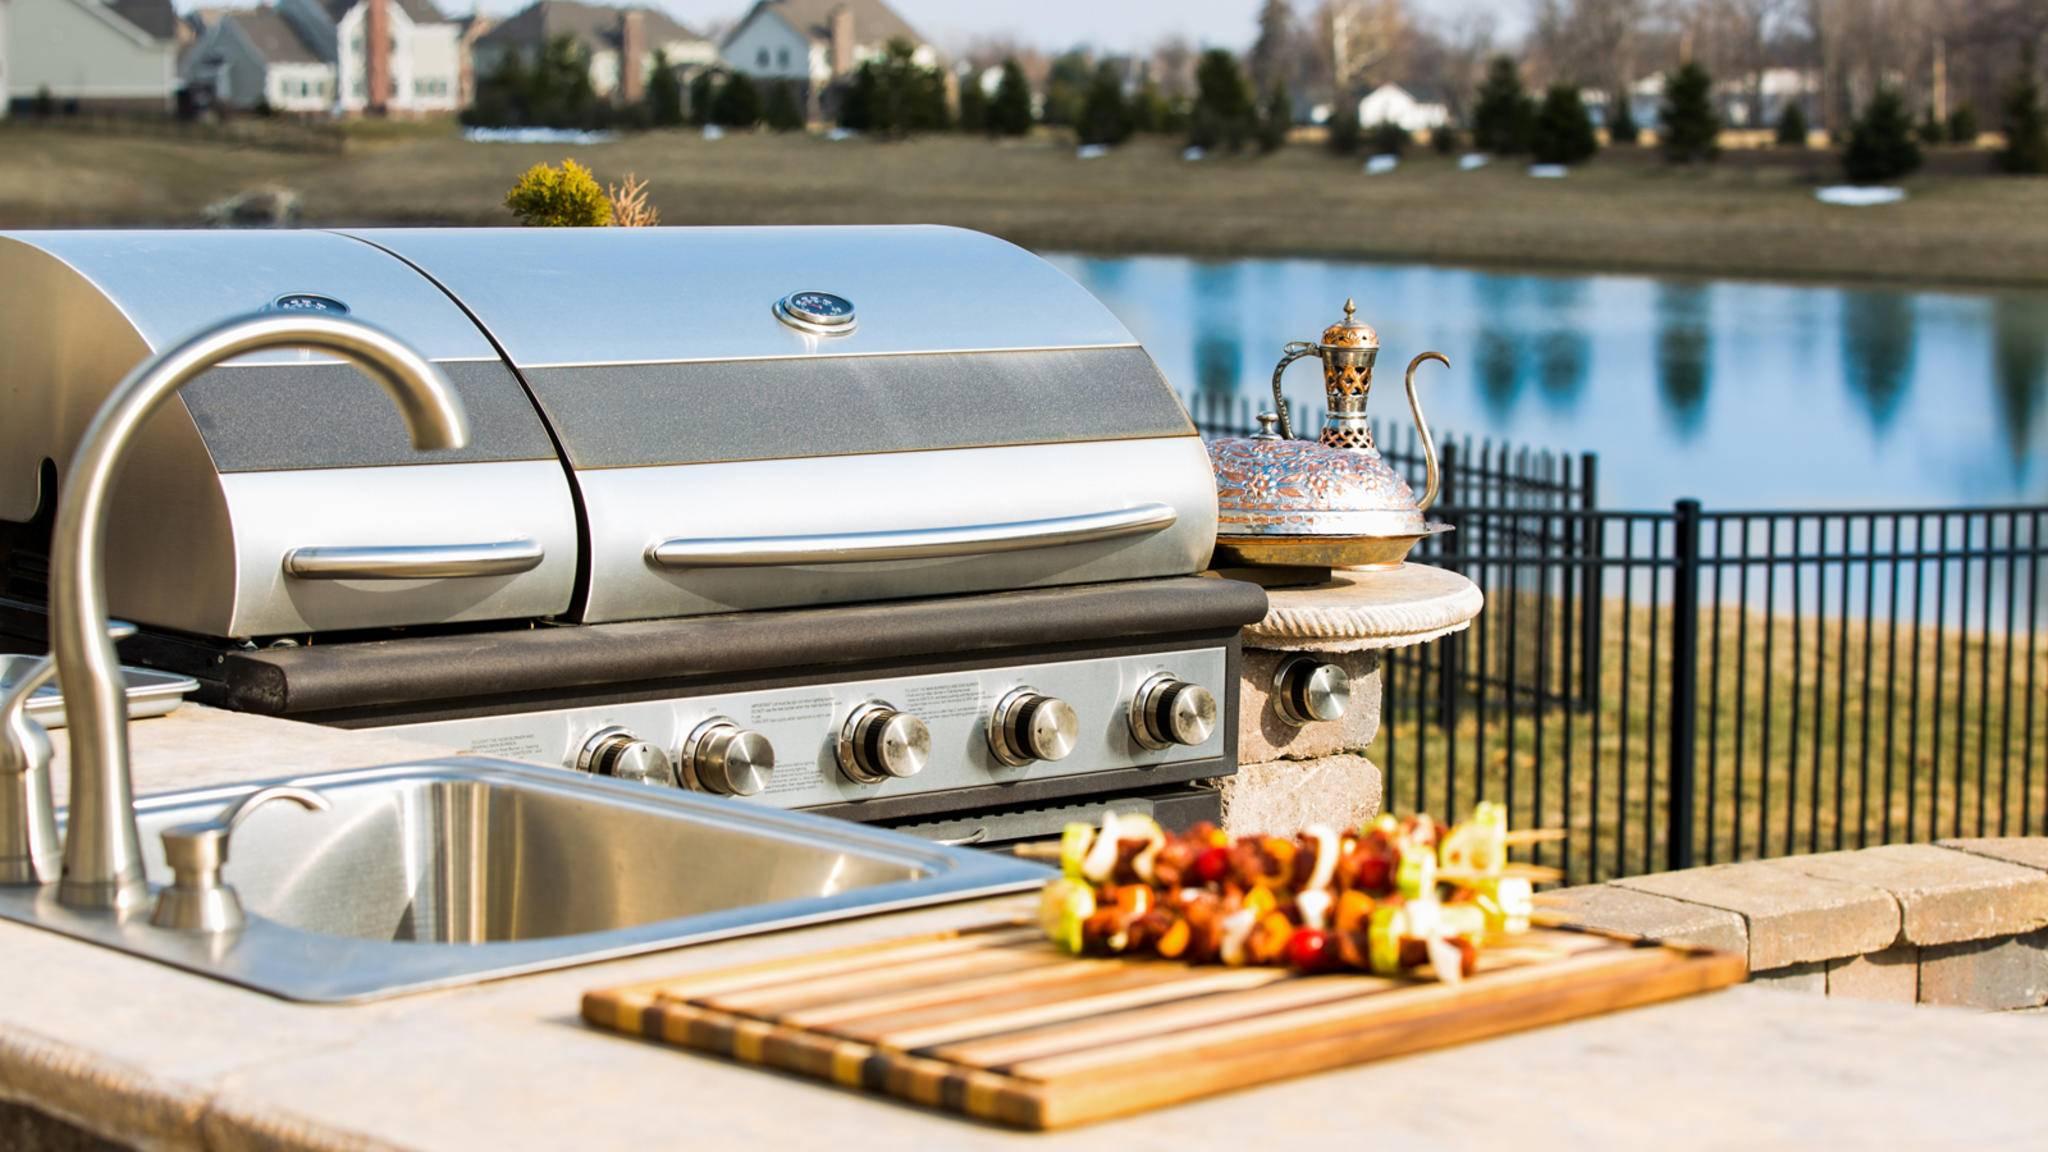 Outdoorküche Mit Spüle Zubehör : Outdoor küche: tipps zu ausstattung und kauf